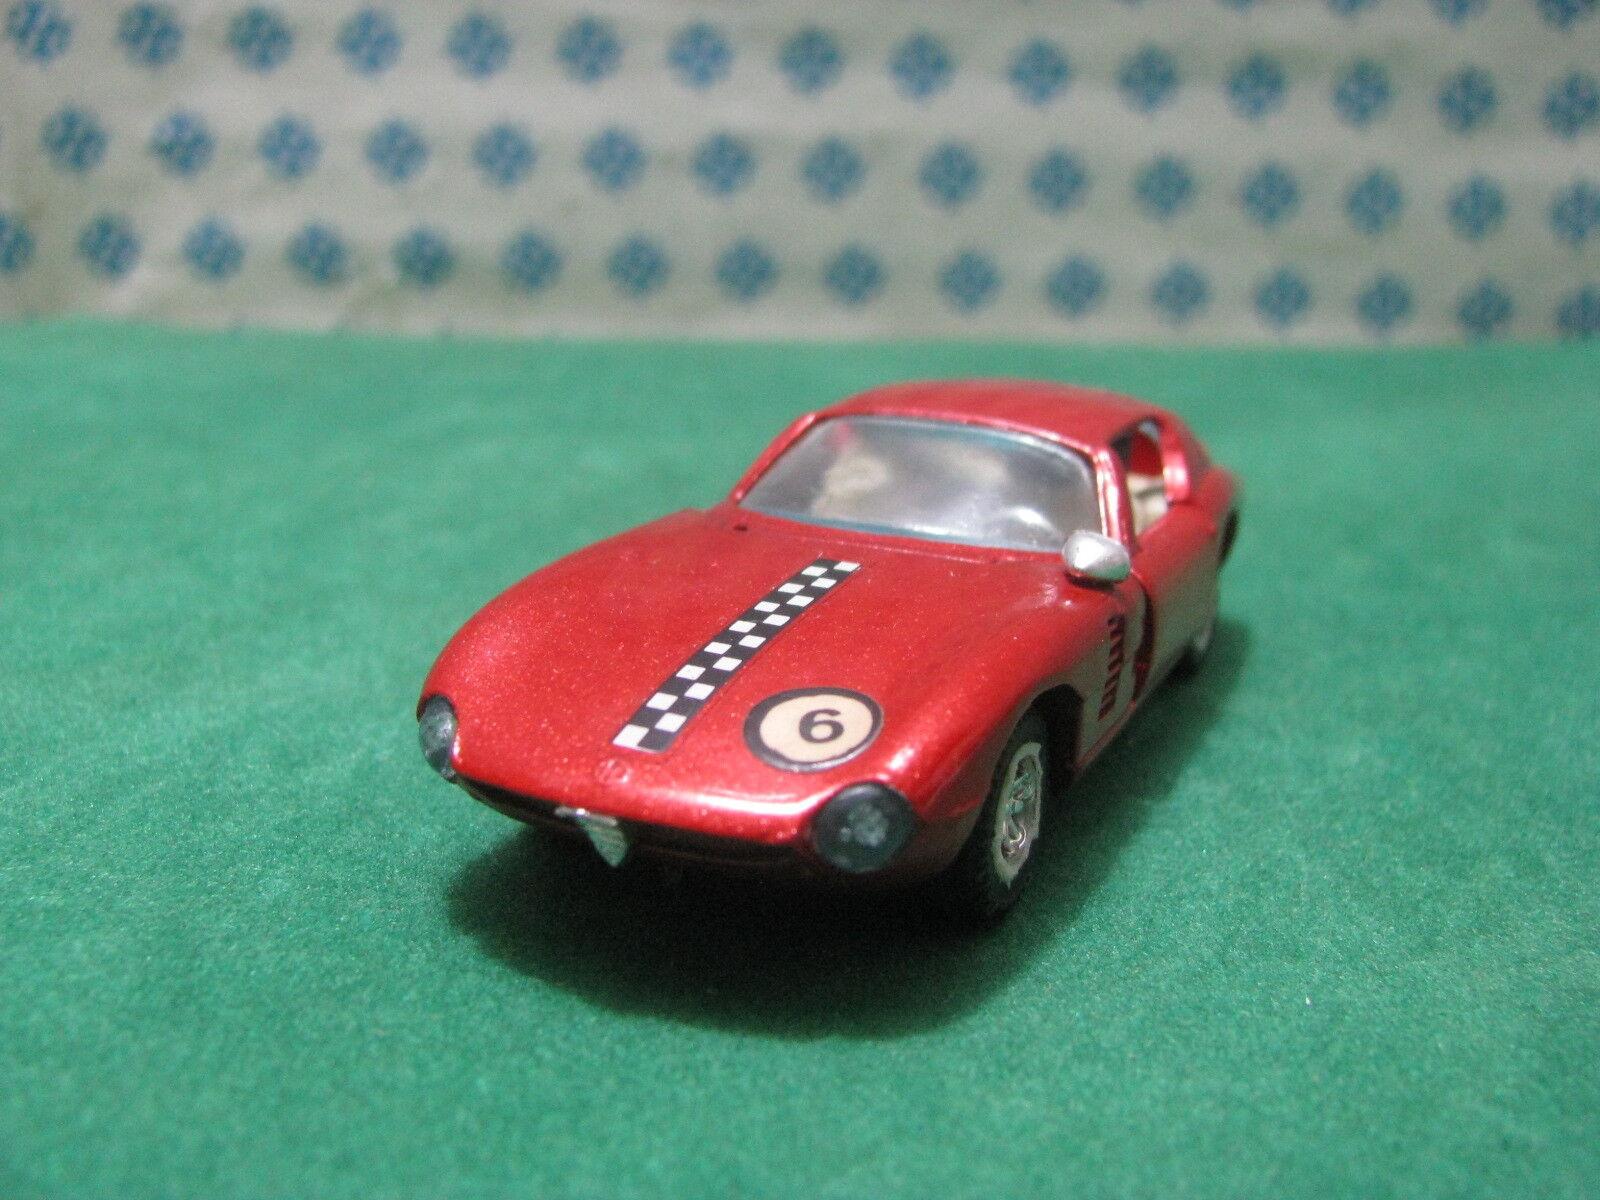 aquí tiene la última Vintage  -  ALFA ROMEO GIULIA GIULIA GIULIA Canguro 1600   - 1 43  Joal  nuevo listado